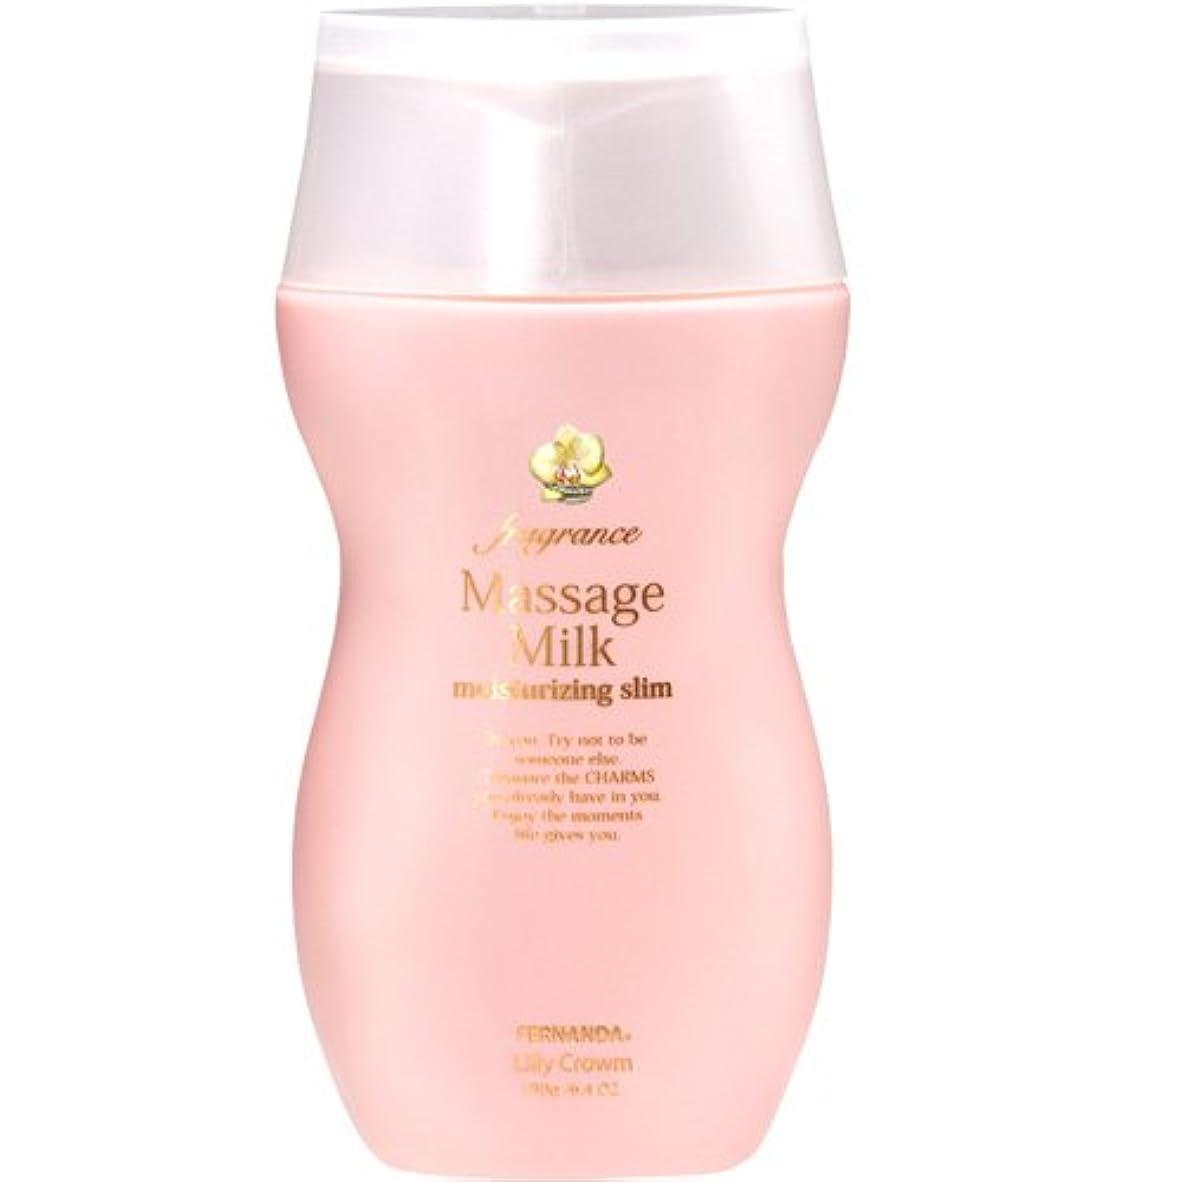 高音電話する玉FERNANDA(フェルナンダ) Massage Milk Lilly Crown (マッサージミルク リリークラウン)